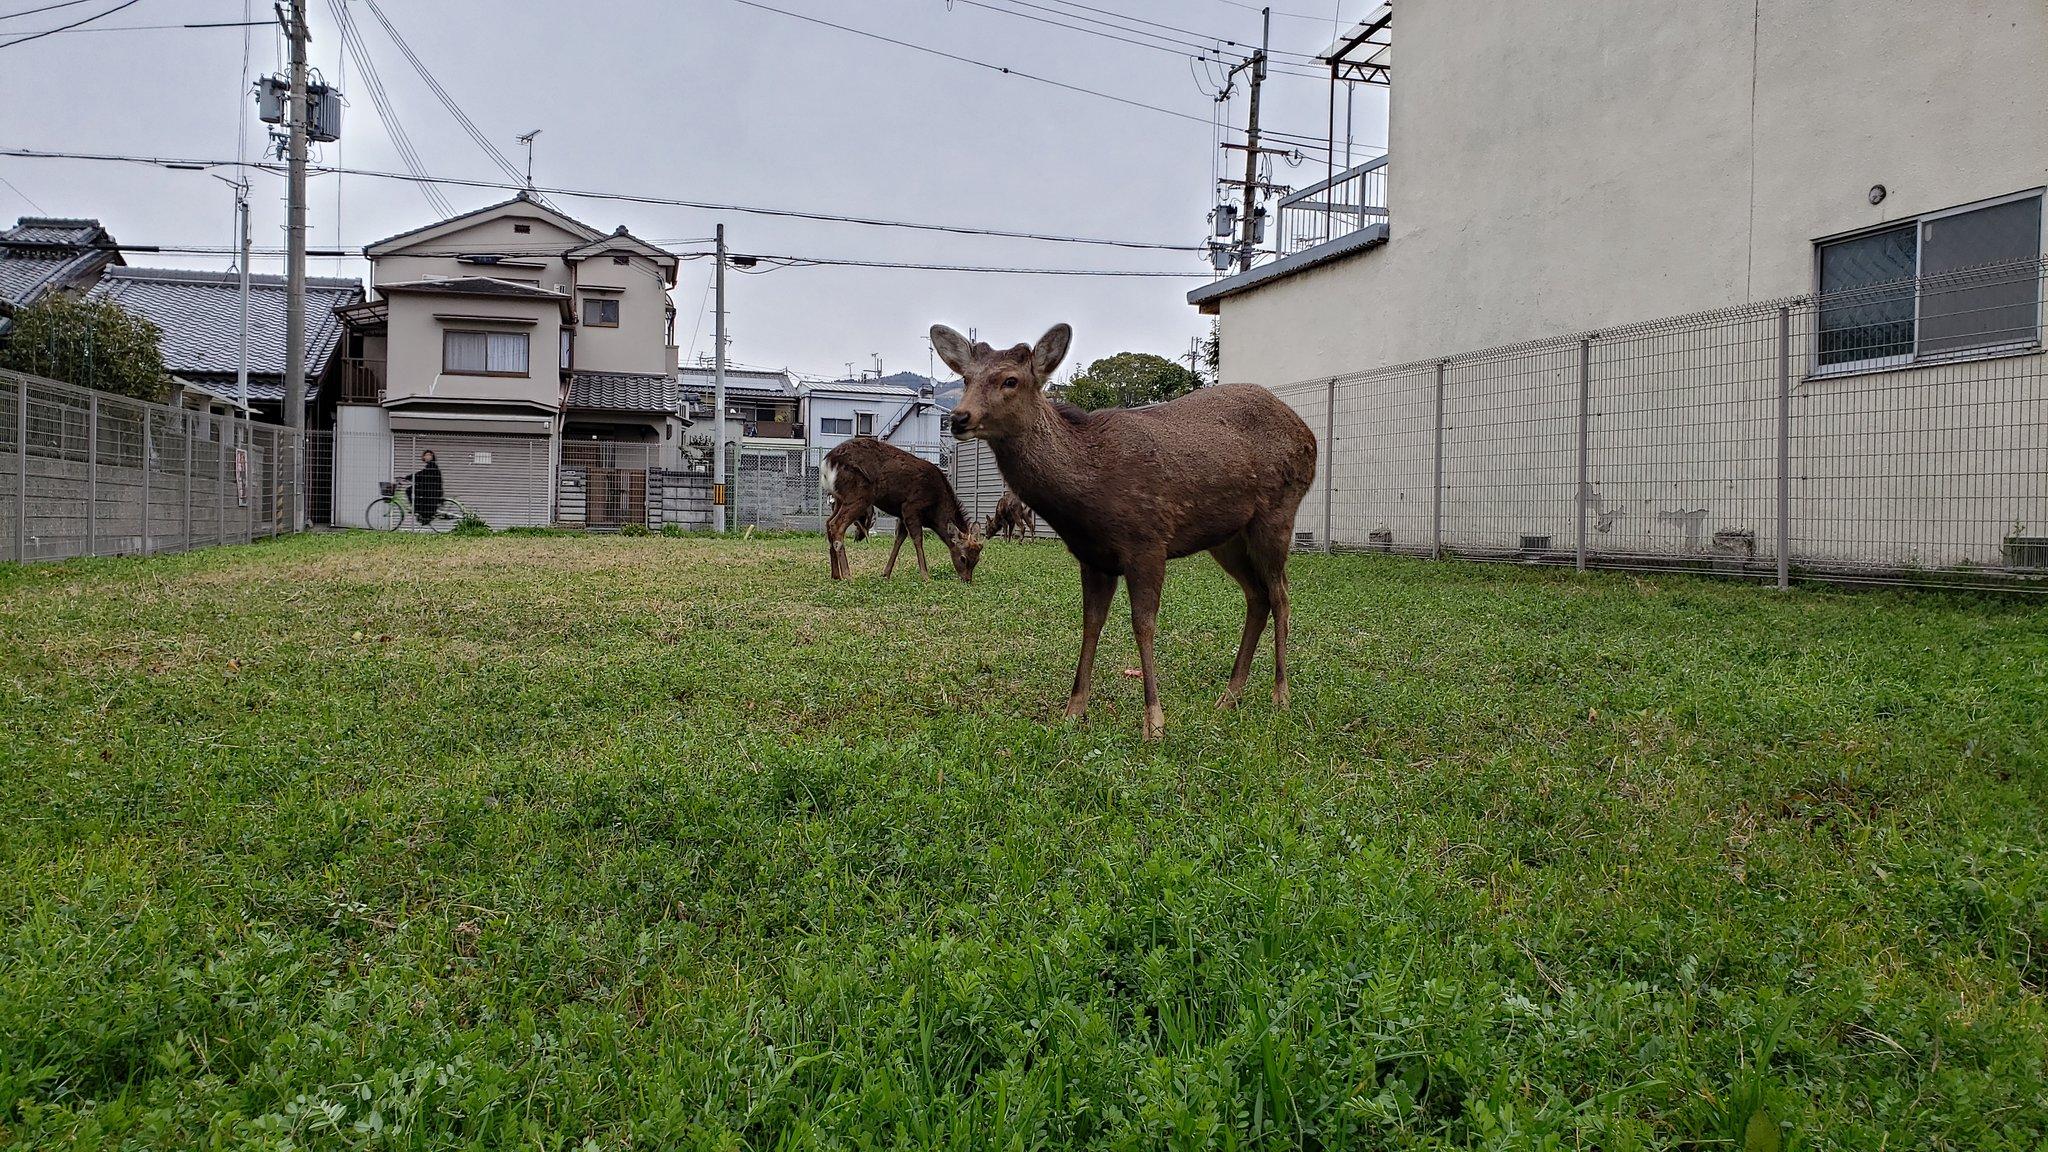 遊客數目大減,奈良鹿要成群結隊四處覓食。就連路邊的花壇、草地也成為牠們覓食之地。